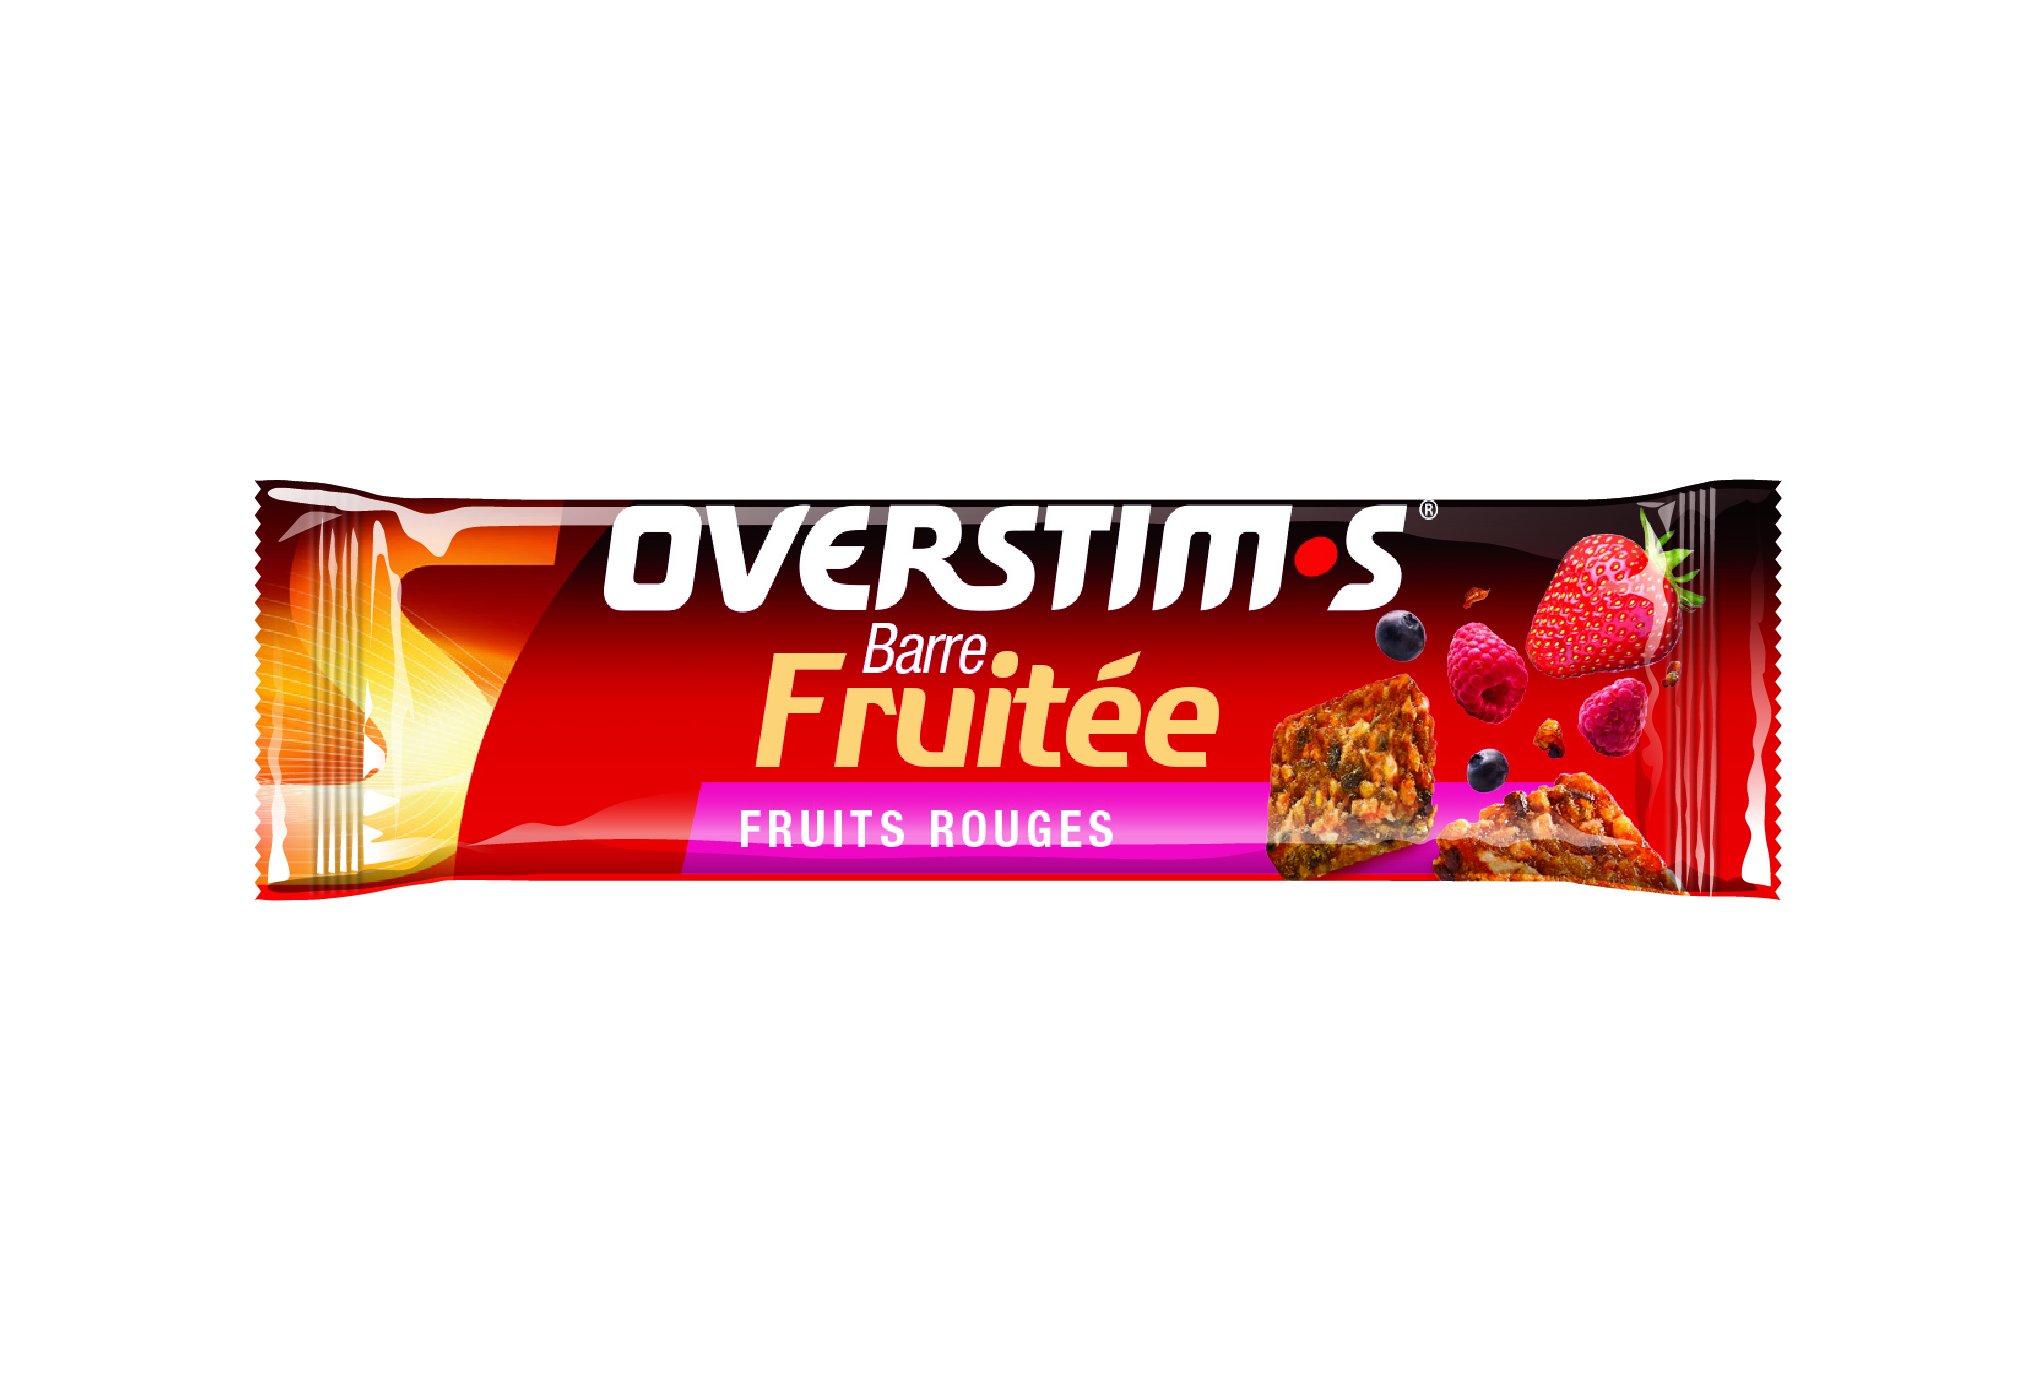 OVERSTIMS Barre Fruitée - Fruits rouges Diététique Barres